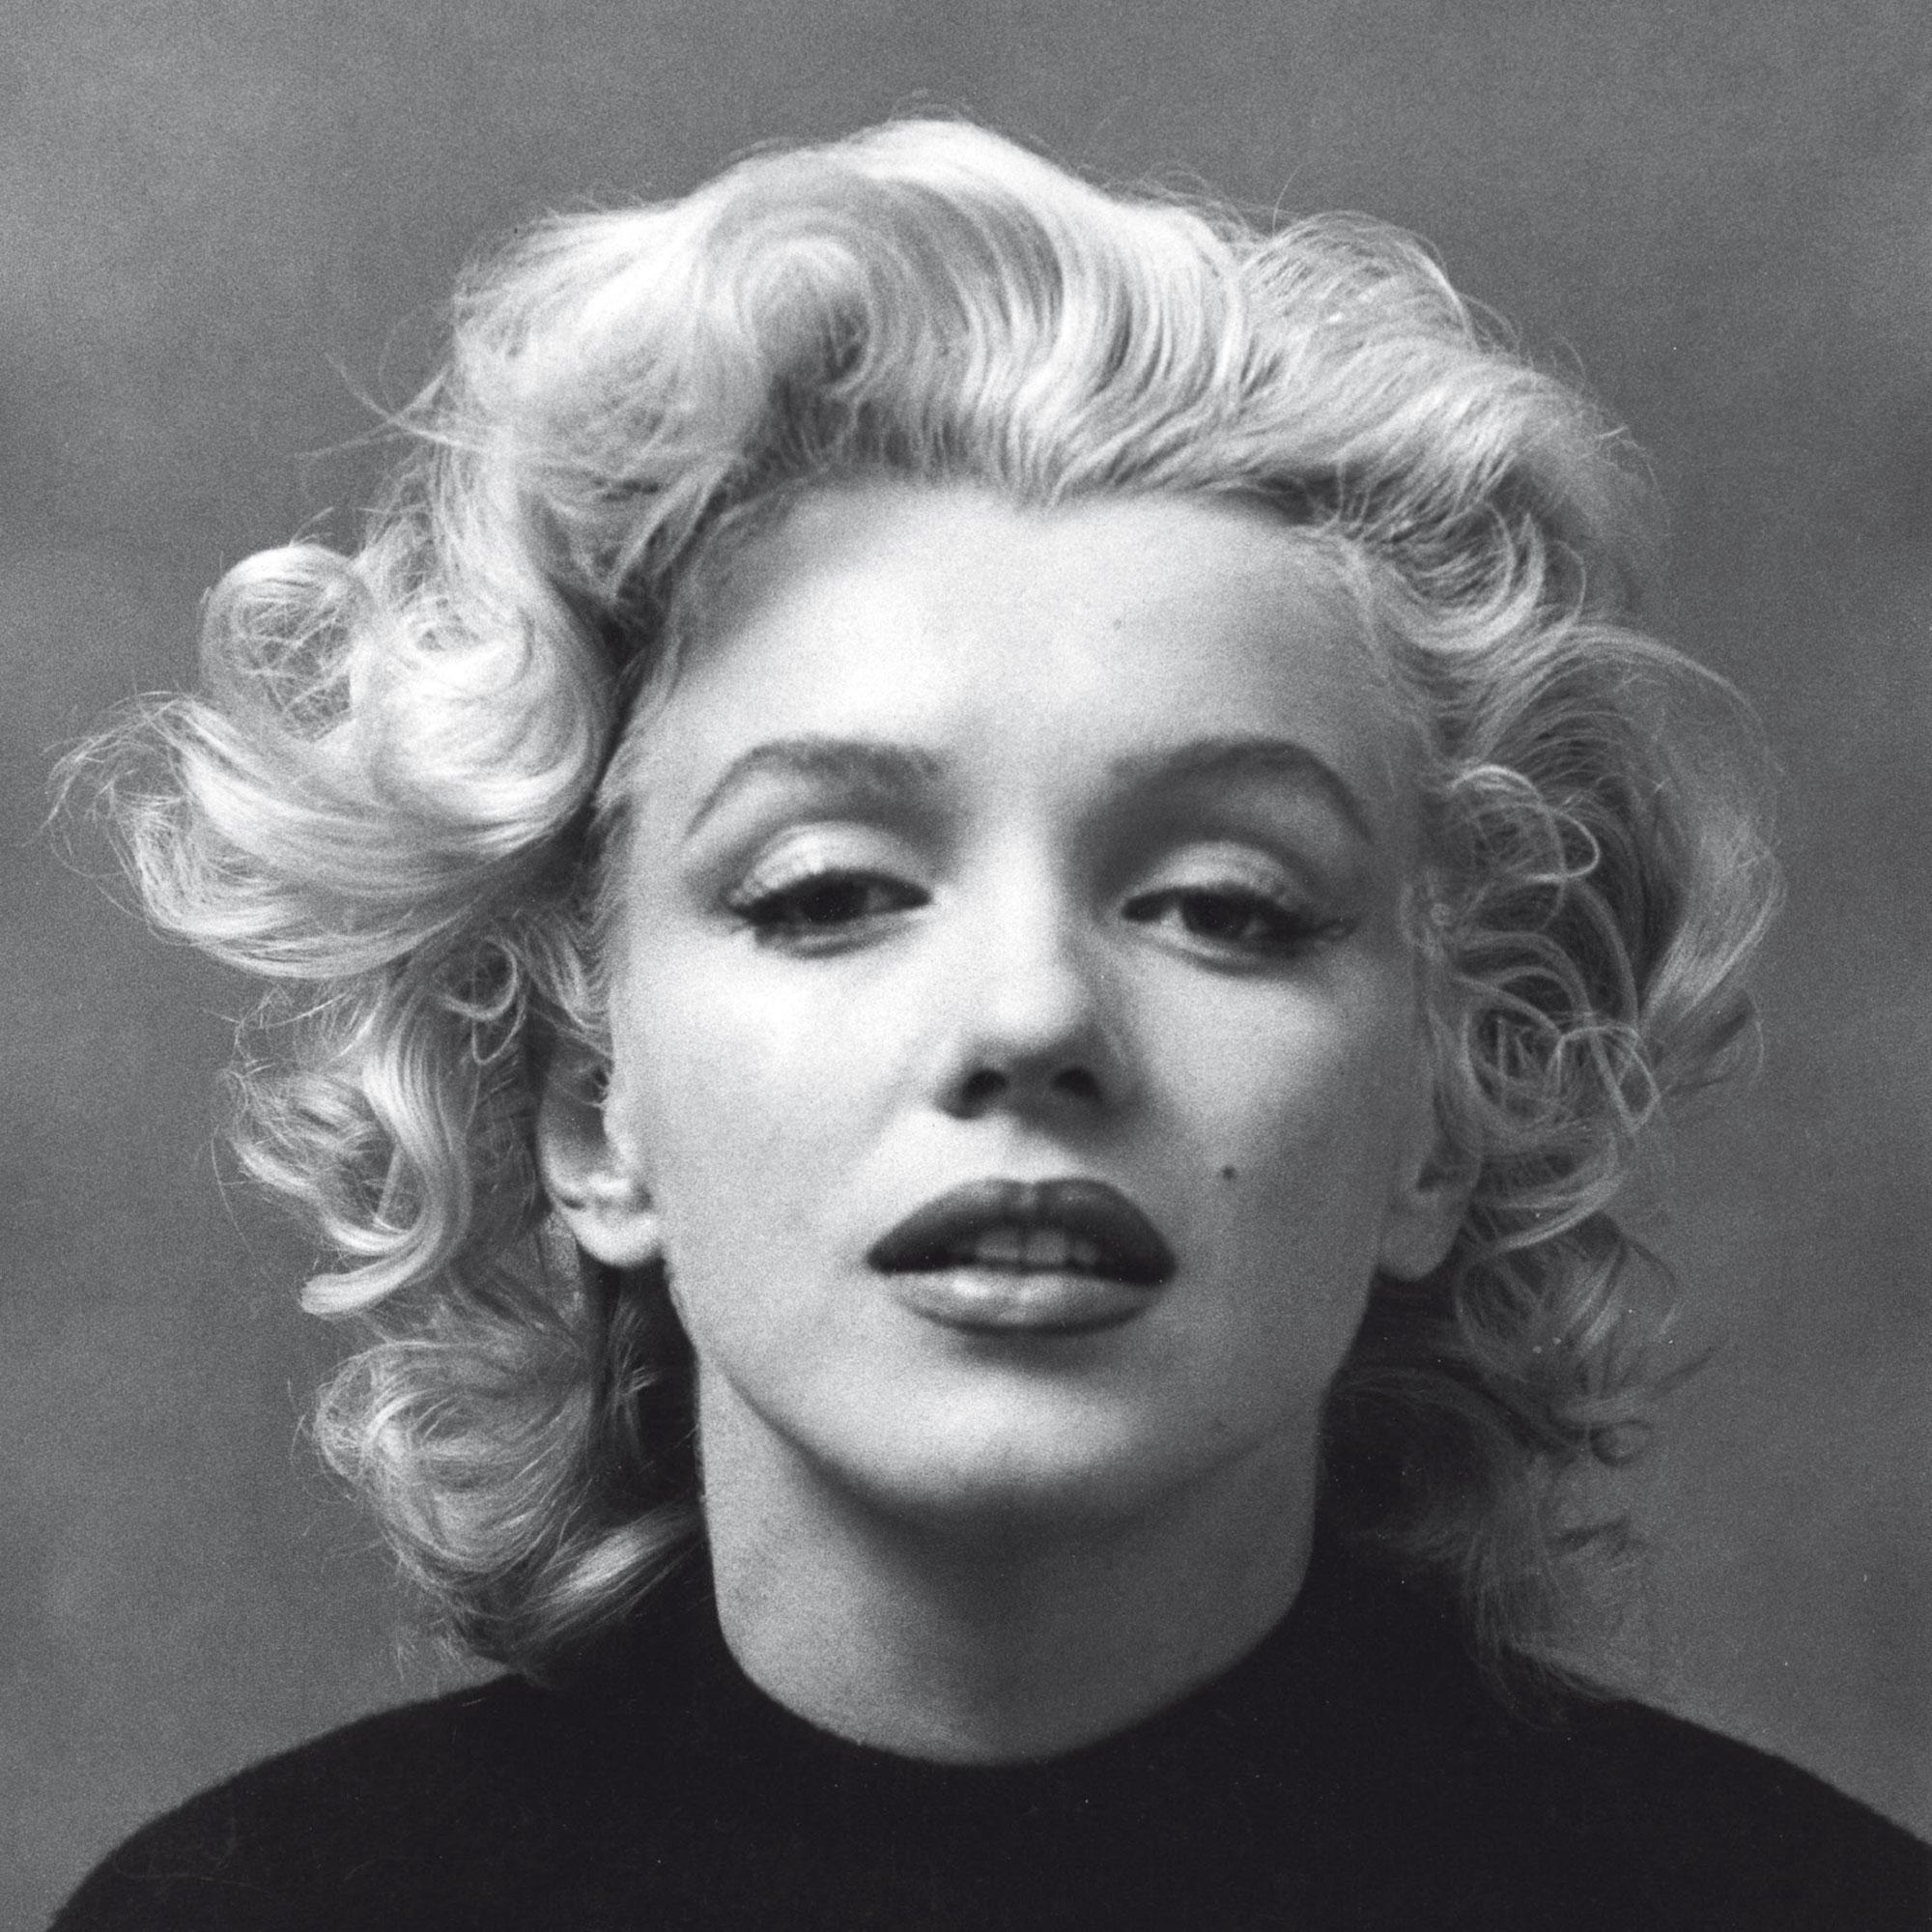 Marilyn Monroe - Black & White - Gerahmte Topseller - 33x33x2,2